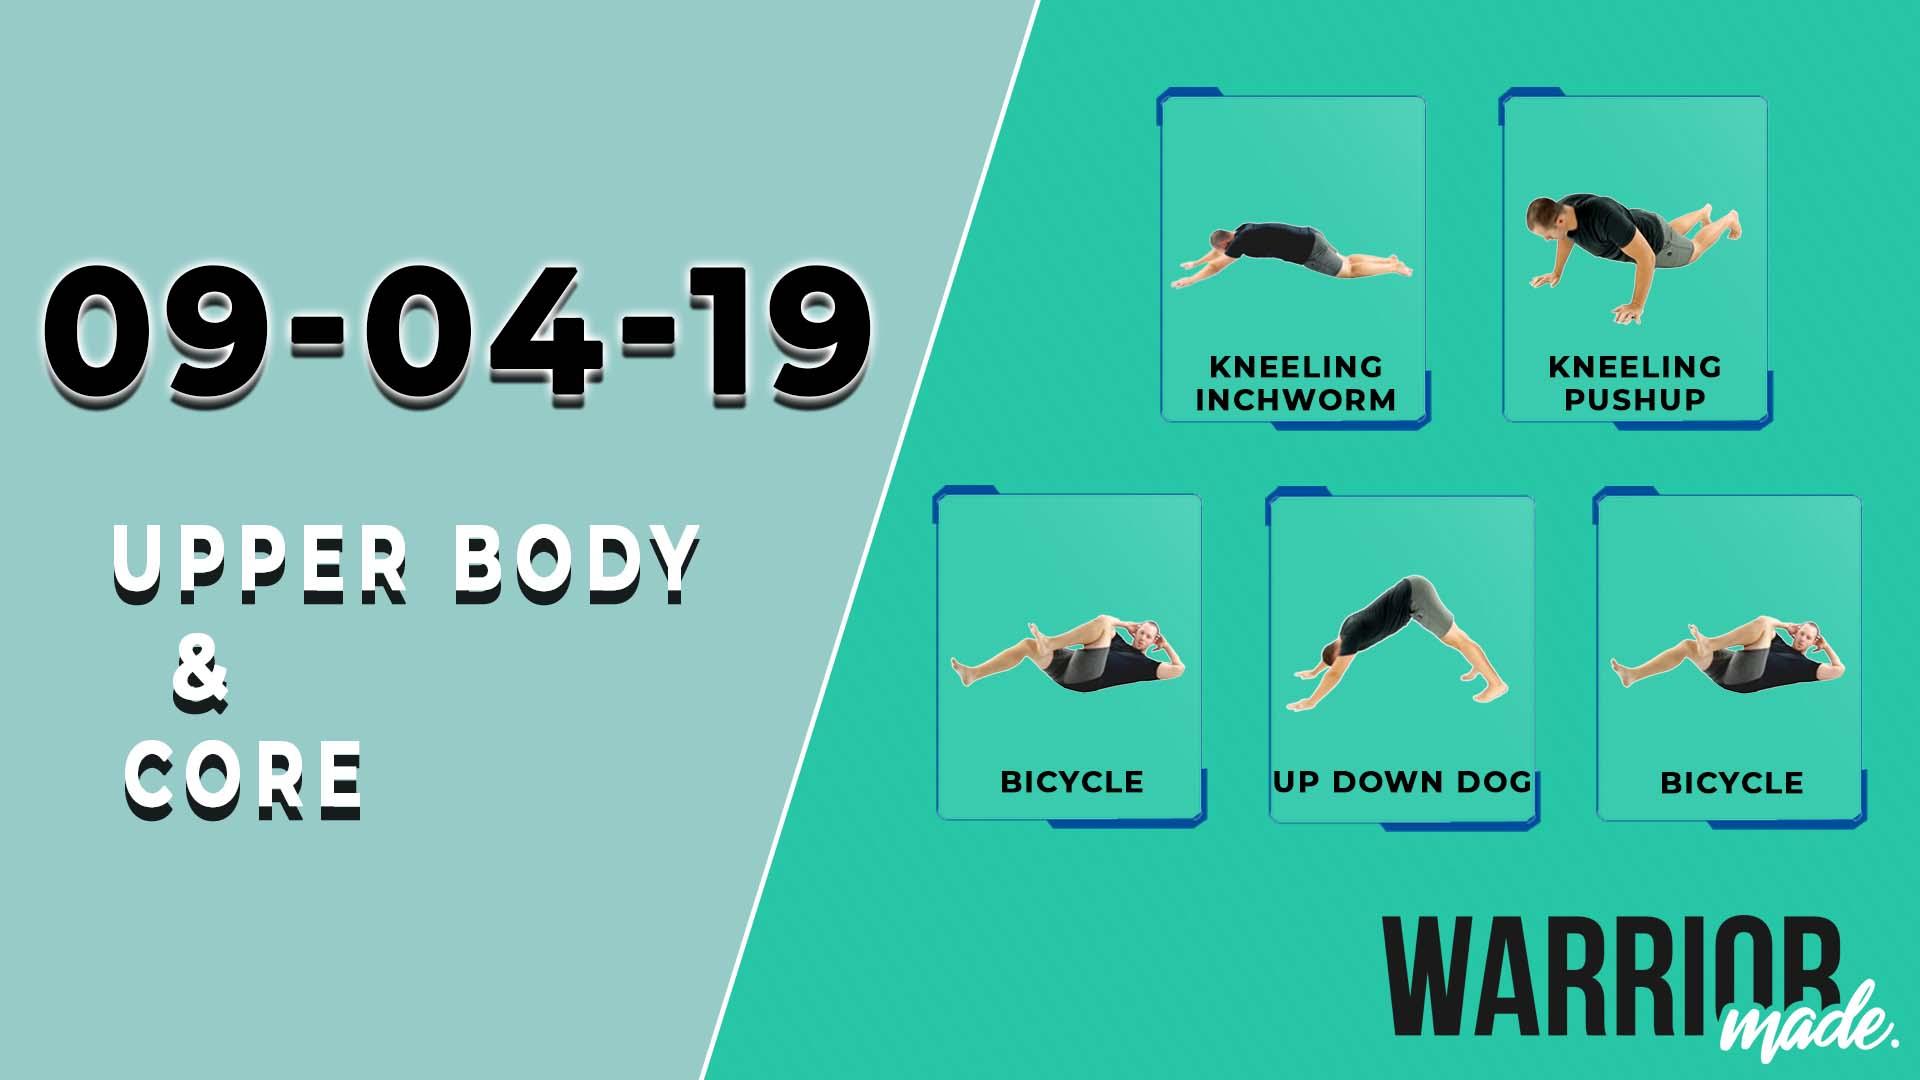 workouts-09-04-19